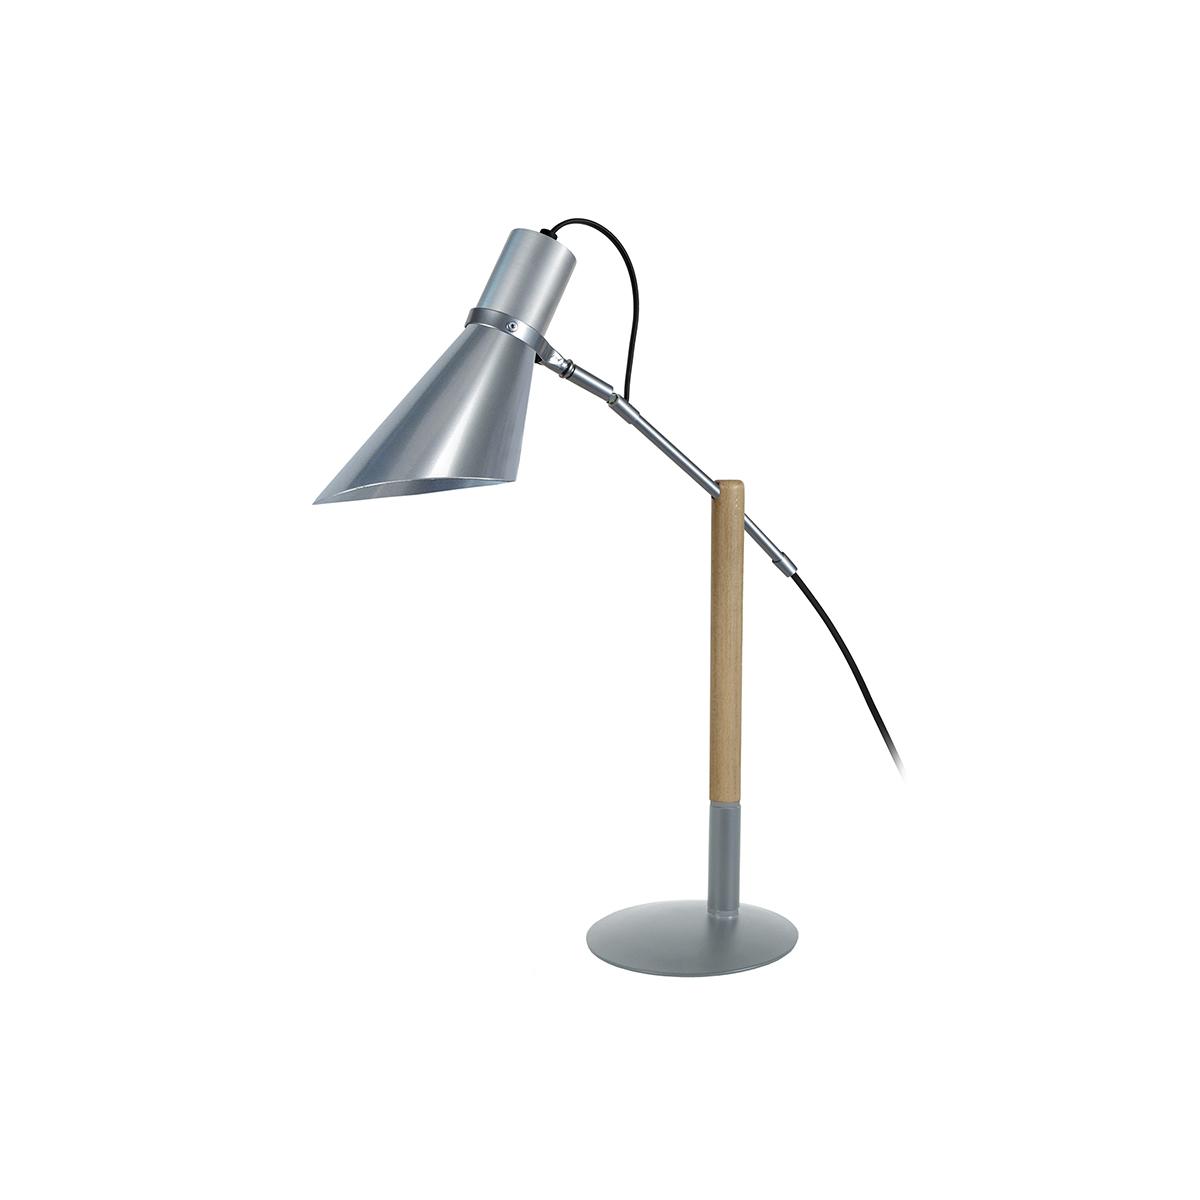 Lampada da tavolo design legno e acciaio cromato sound for Tavolo acciaio design